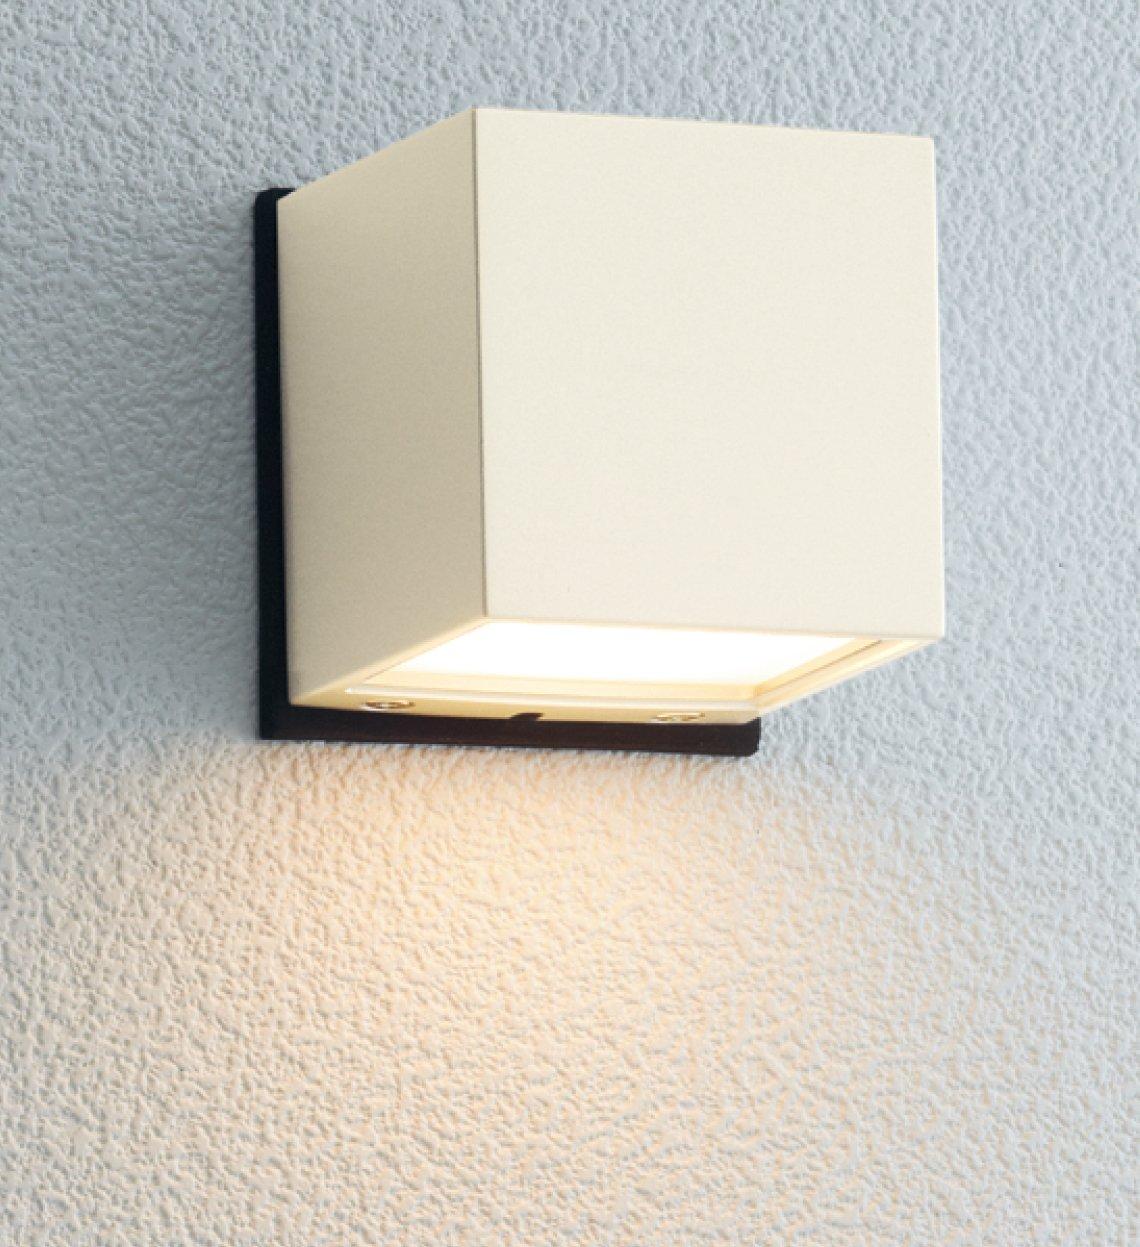 ユニソン(UNISON) 100V照明 ポージィ(PHOSY)ウォールライト LED  UA  01021  42 電球色 オフホワイト B00HZEIR68 オフホワイト オフホワイト